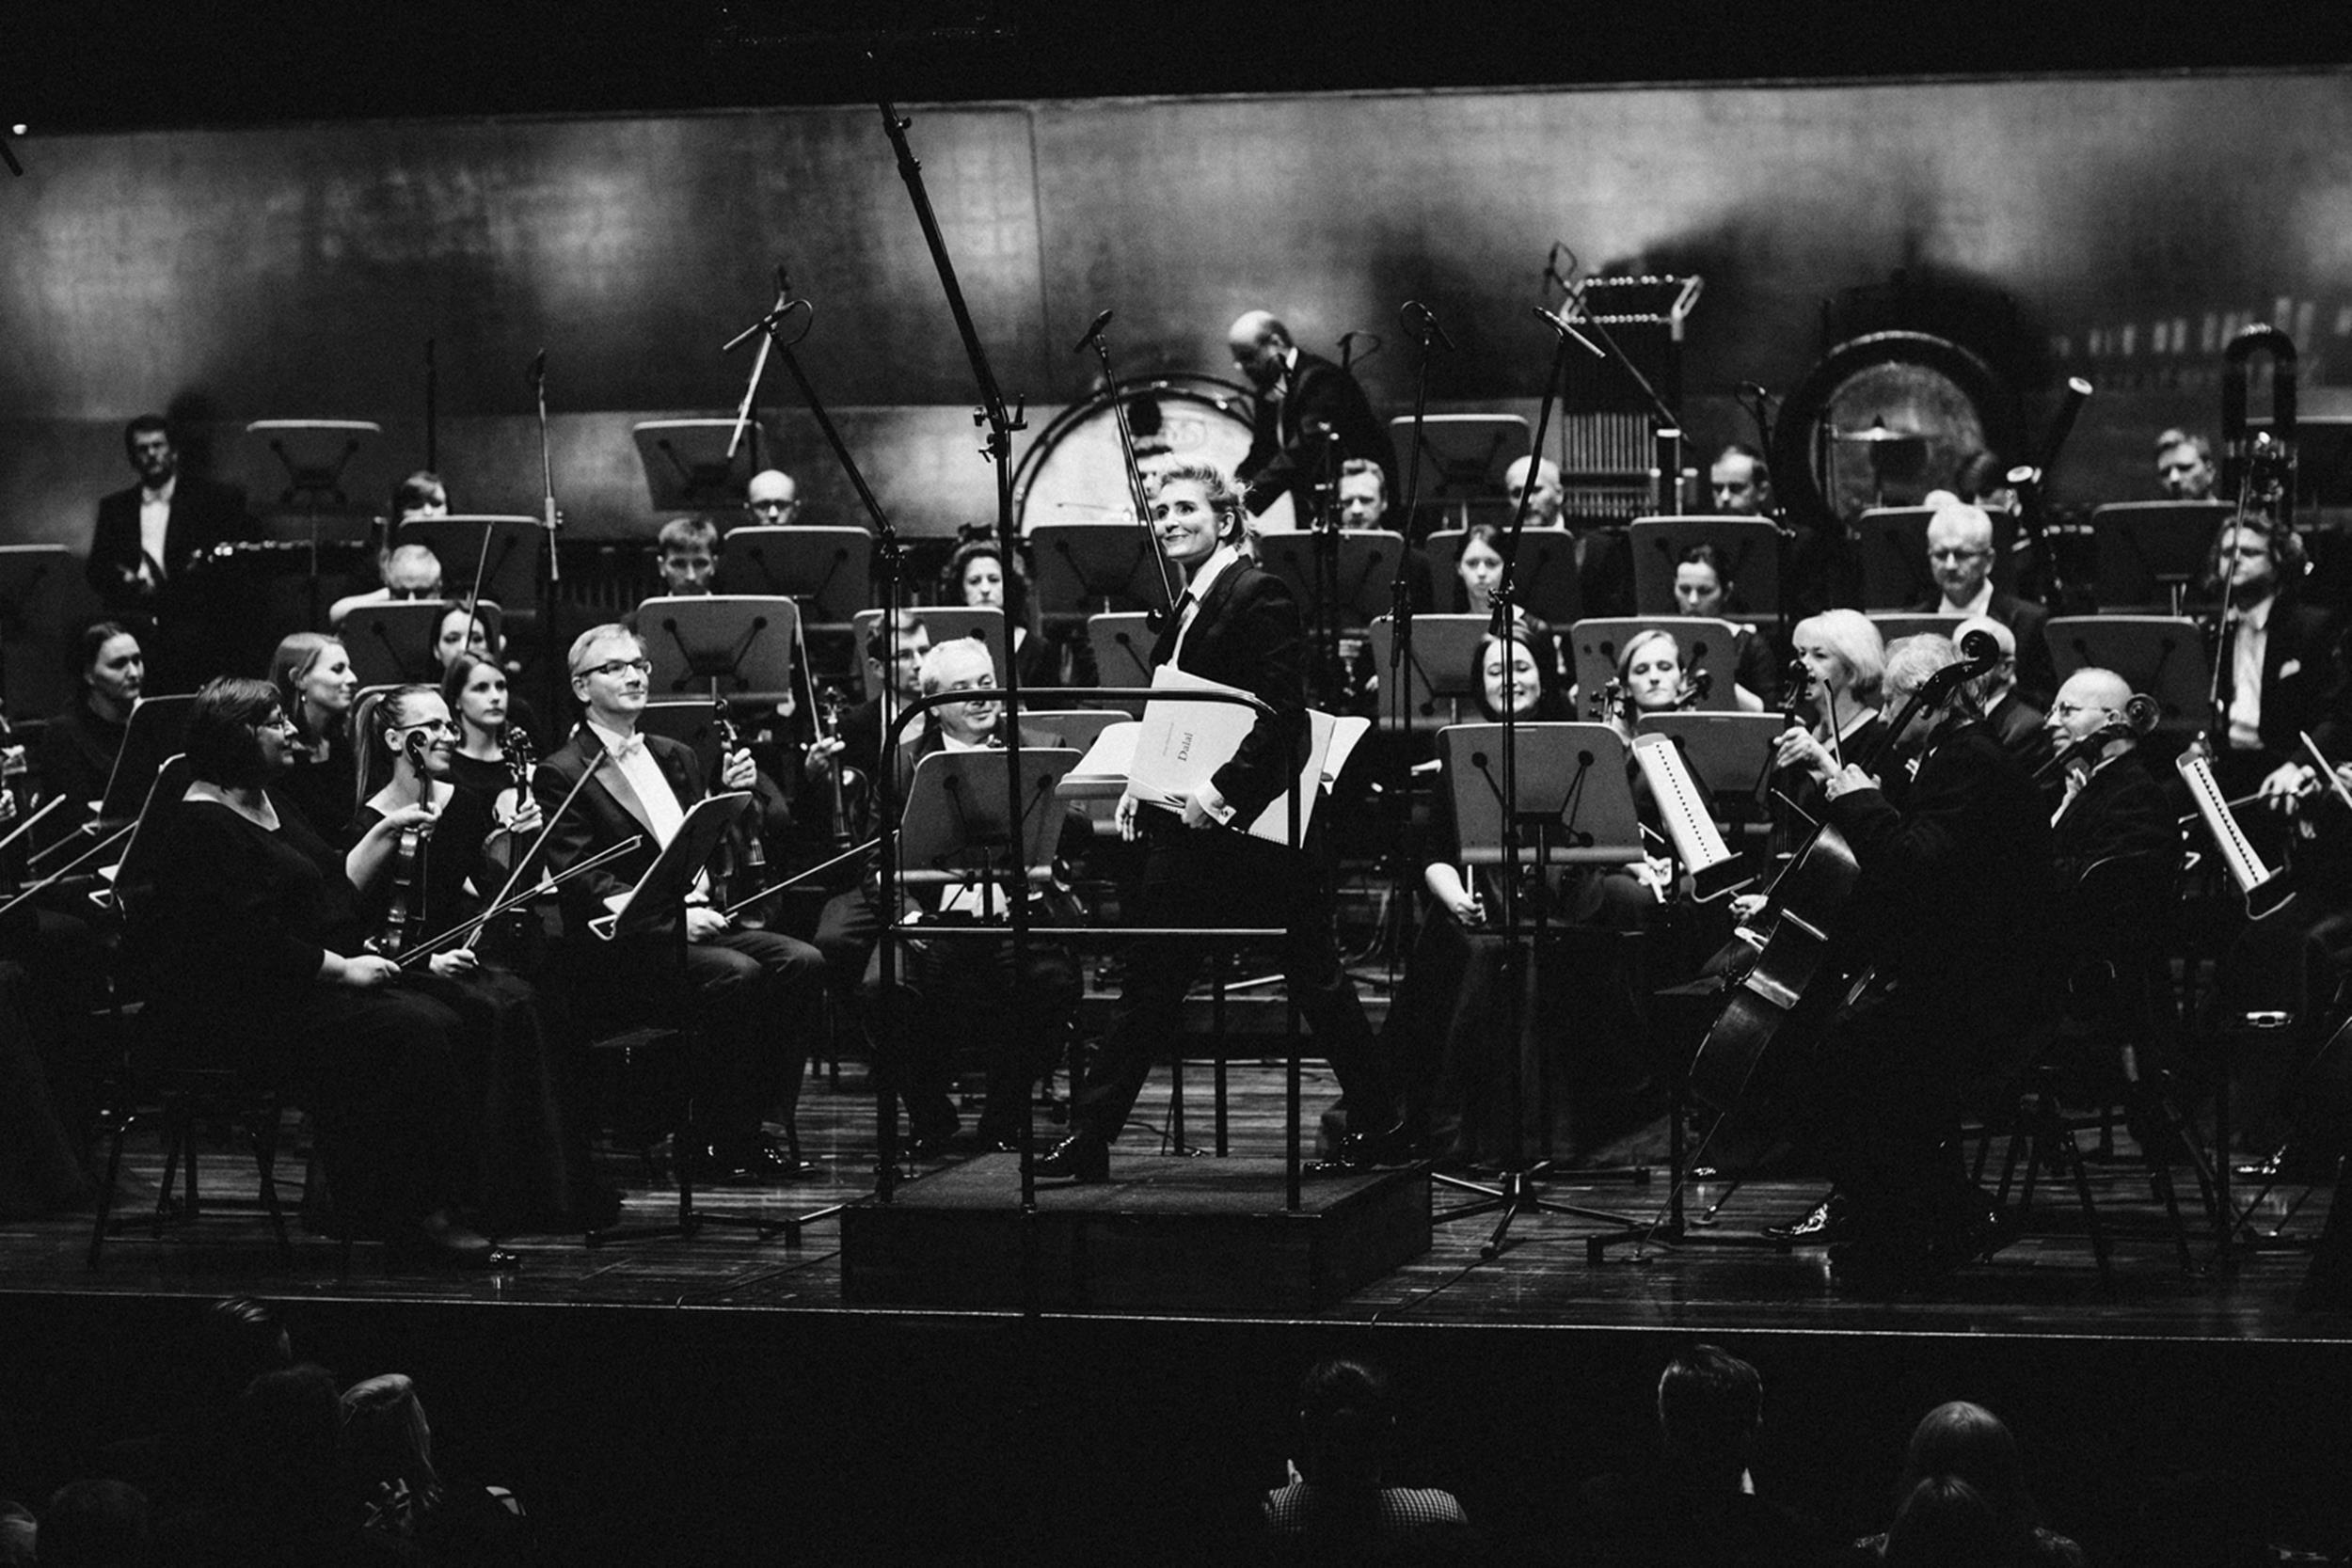 Patrycja Pieczara i Orkiestra Filharmonii im. M Karłowicza Fot. Kinga Karpati&Daniel Zarewicz PRESTIGE PORTRAIT